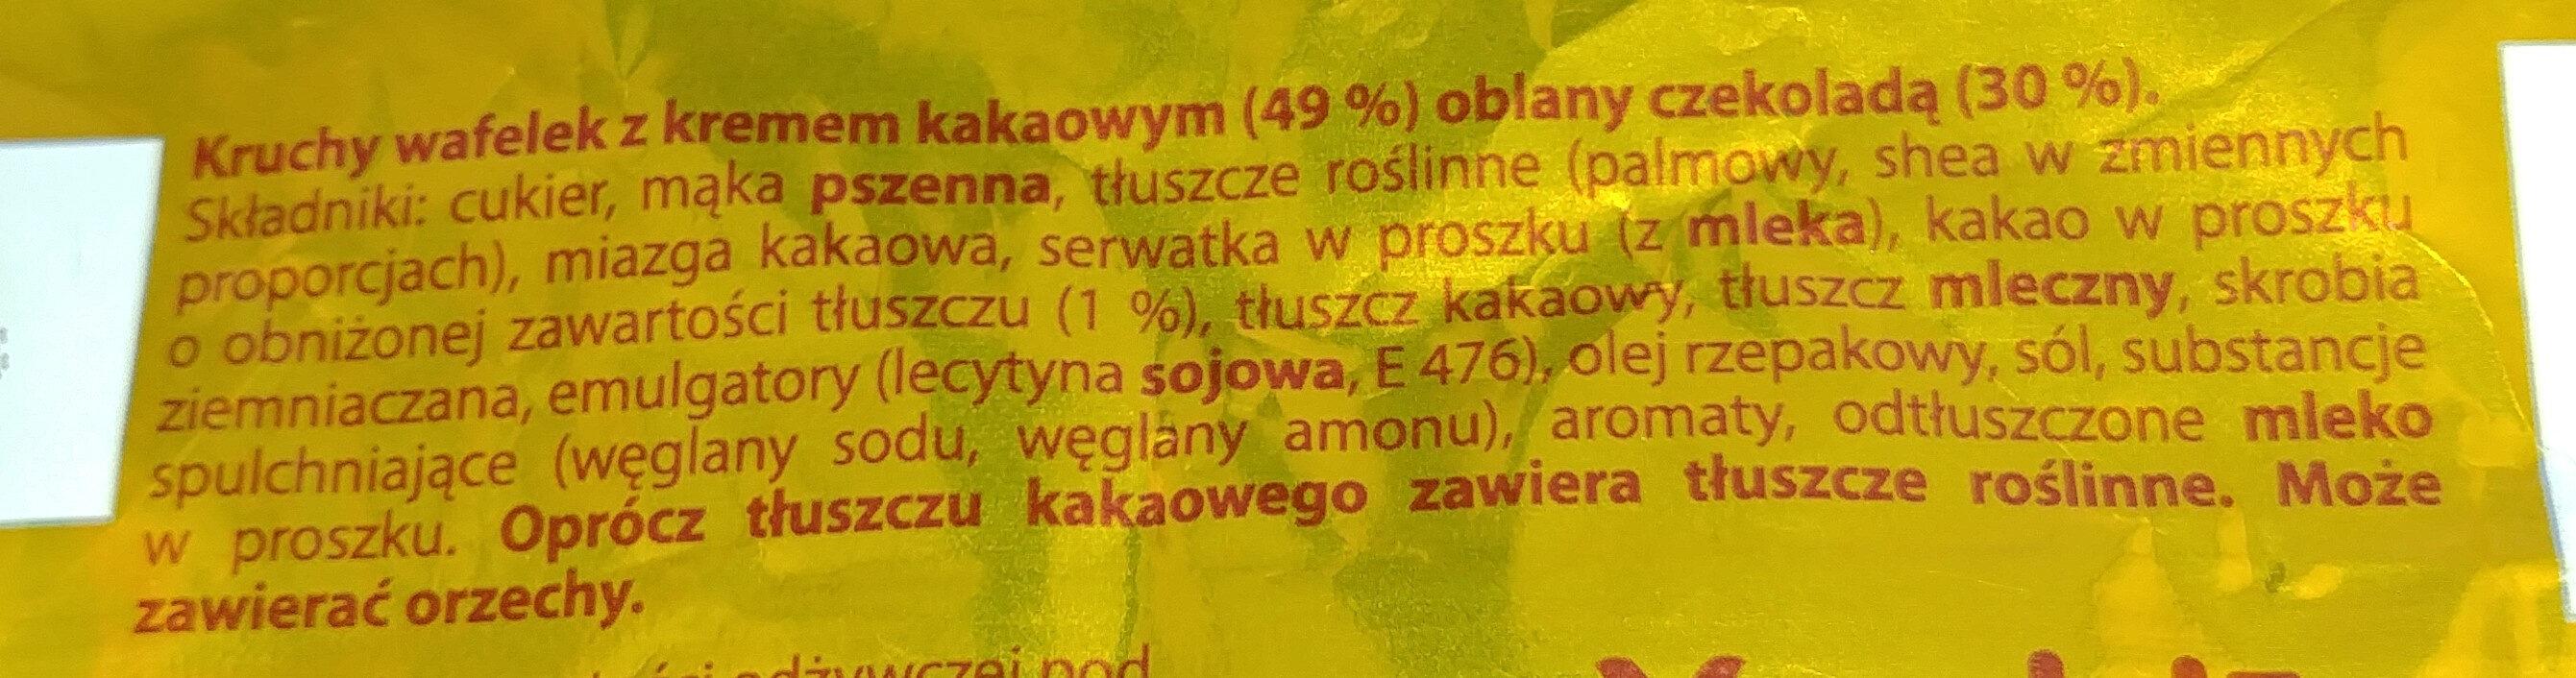 Kruchy wafelek z kremem kakaowym (49%) oblany czekoladą (30%) - Składniki - pl